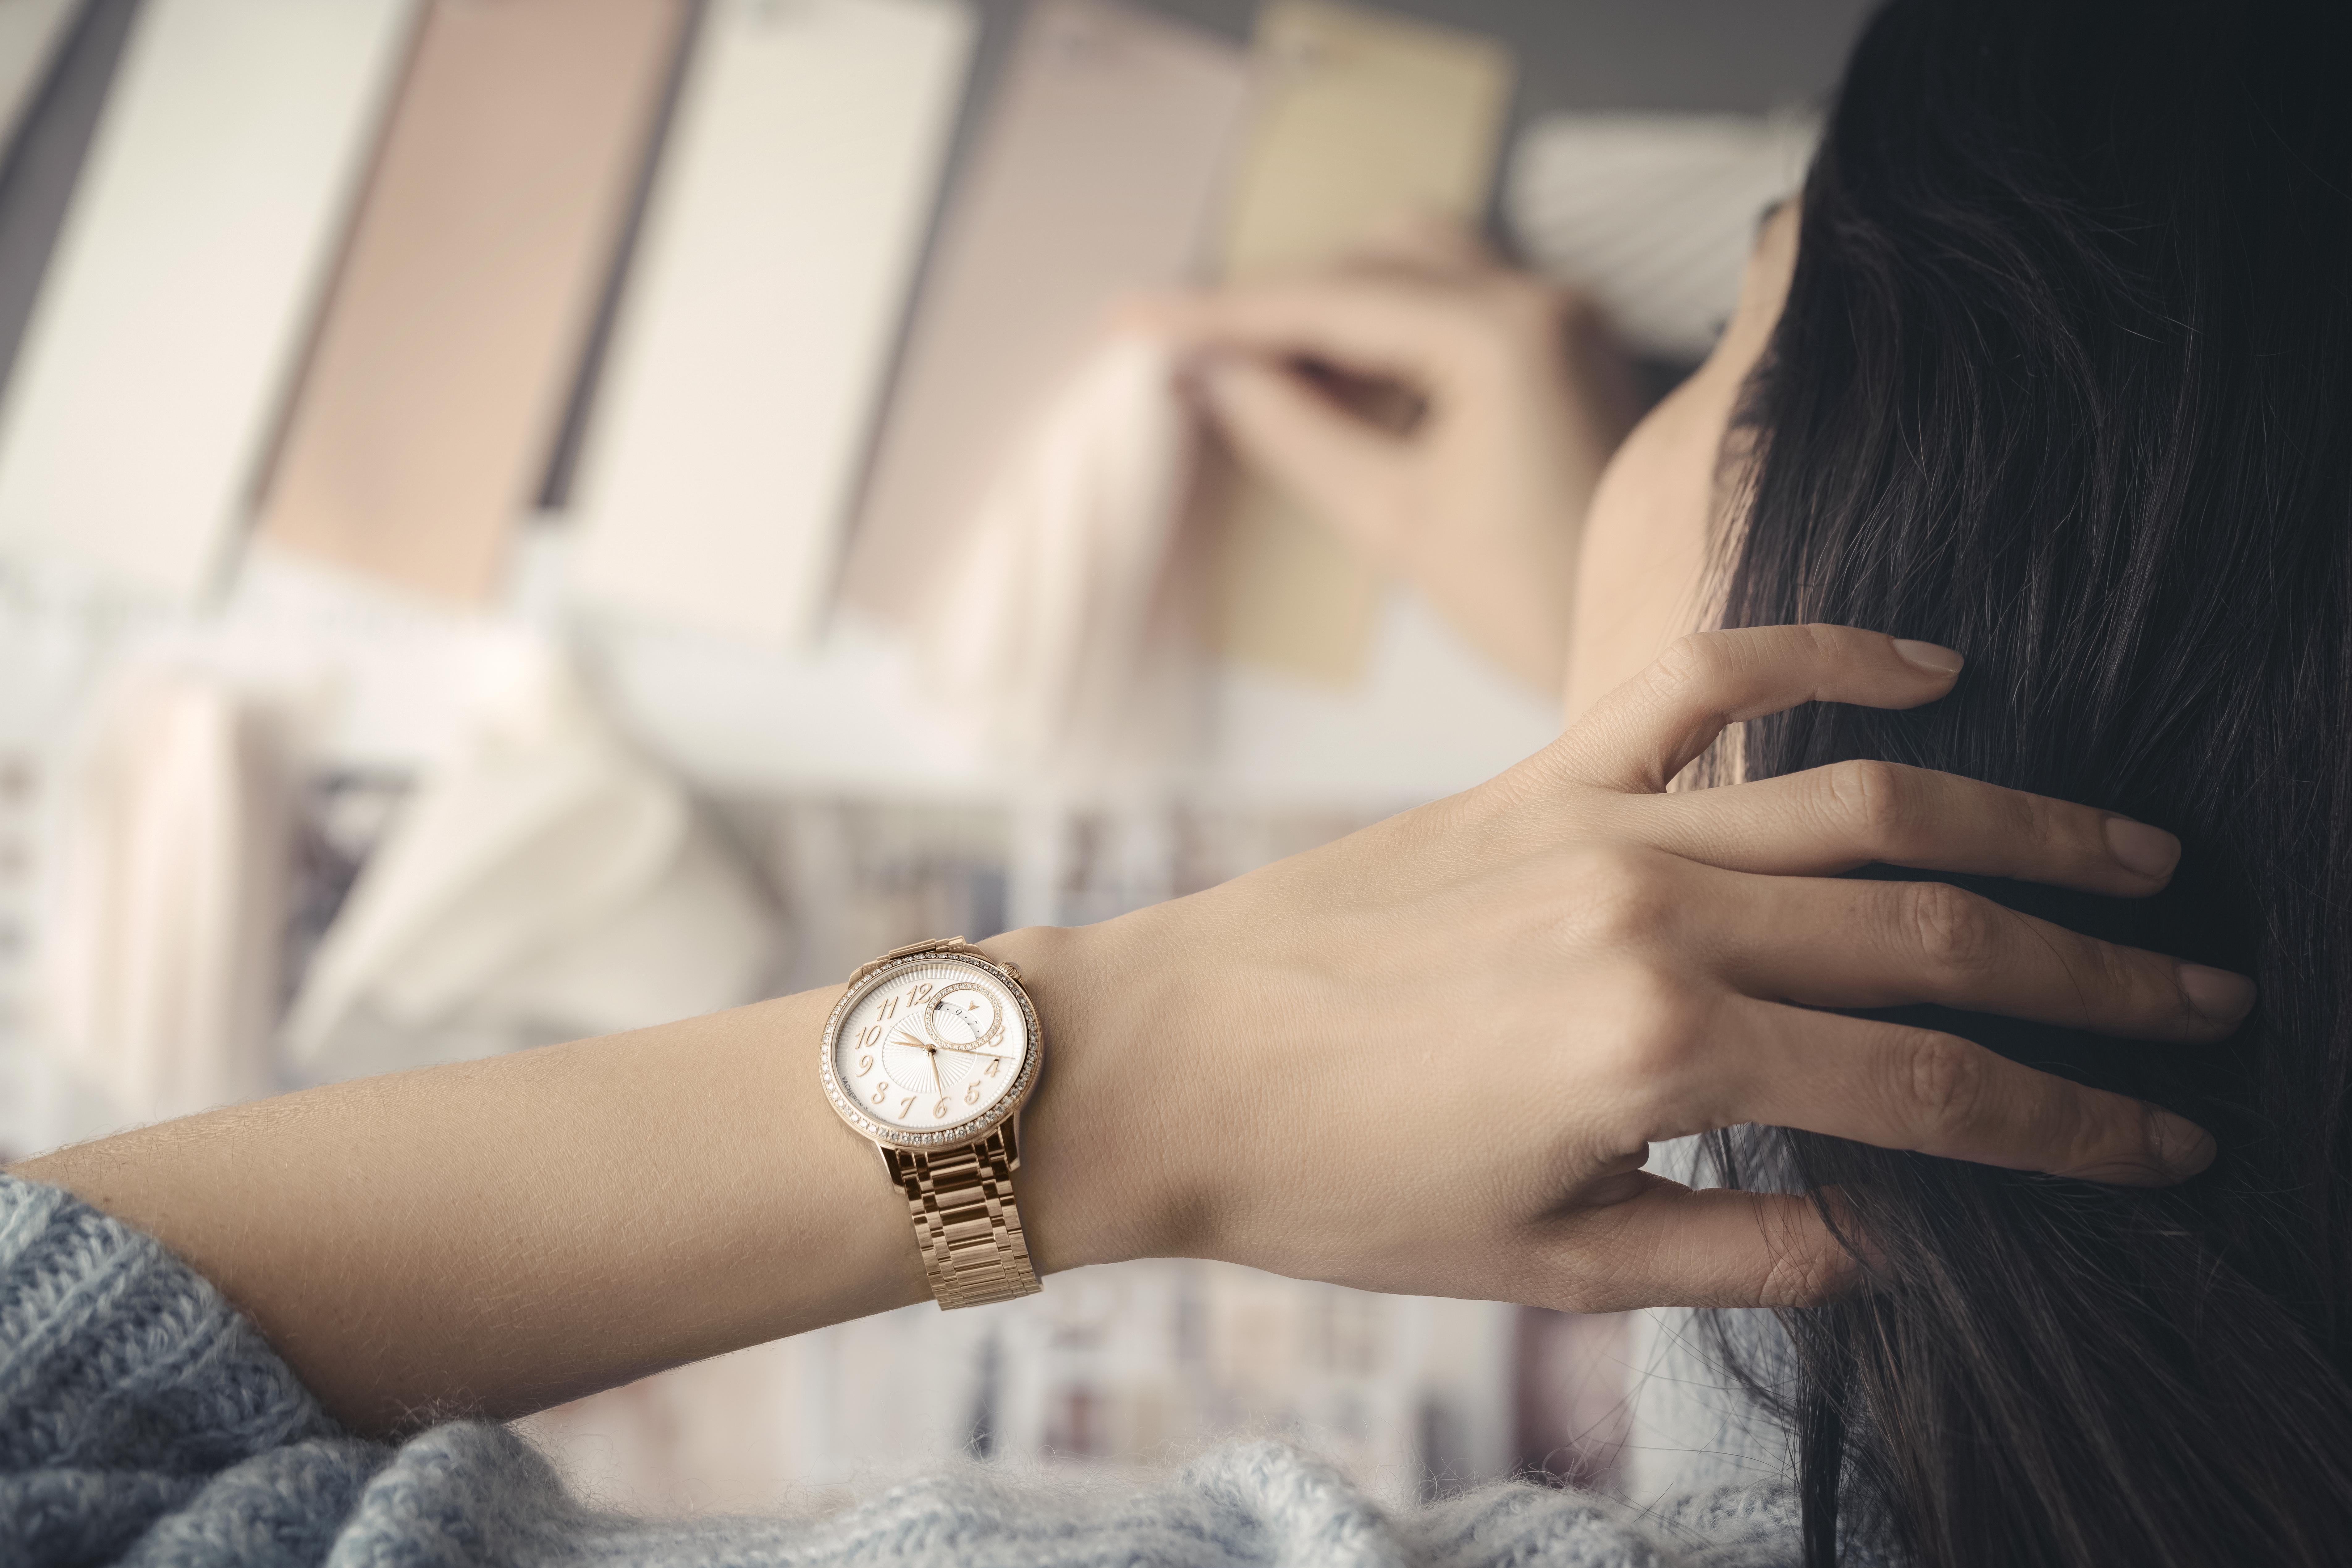 江诗丹顿Égérie伊灵女神系列自动上链腕表 全金材质辉映高级制表之美